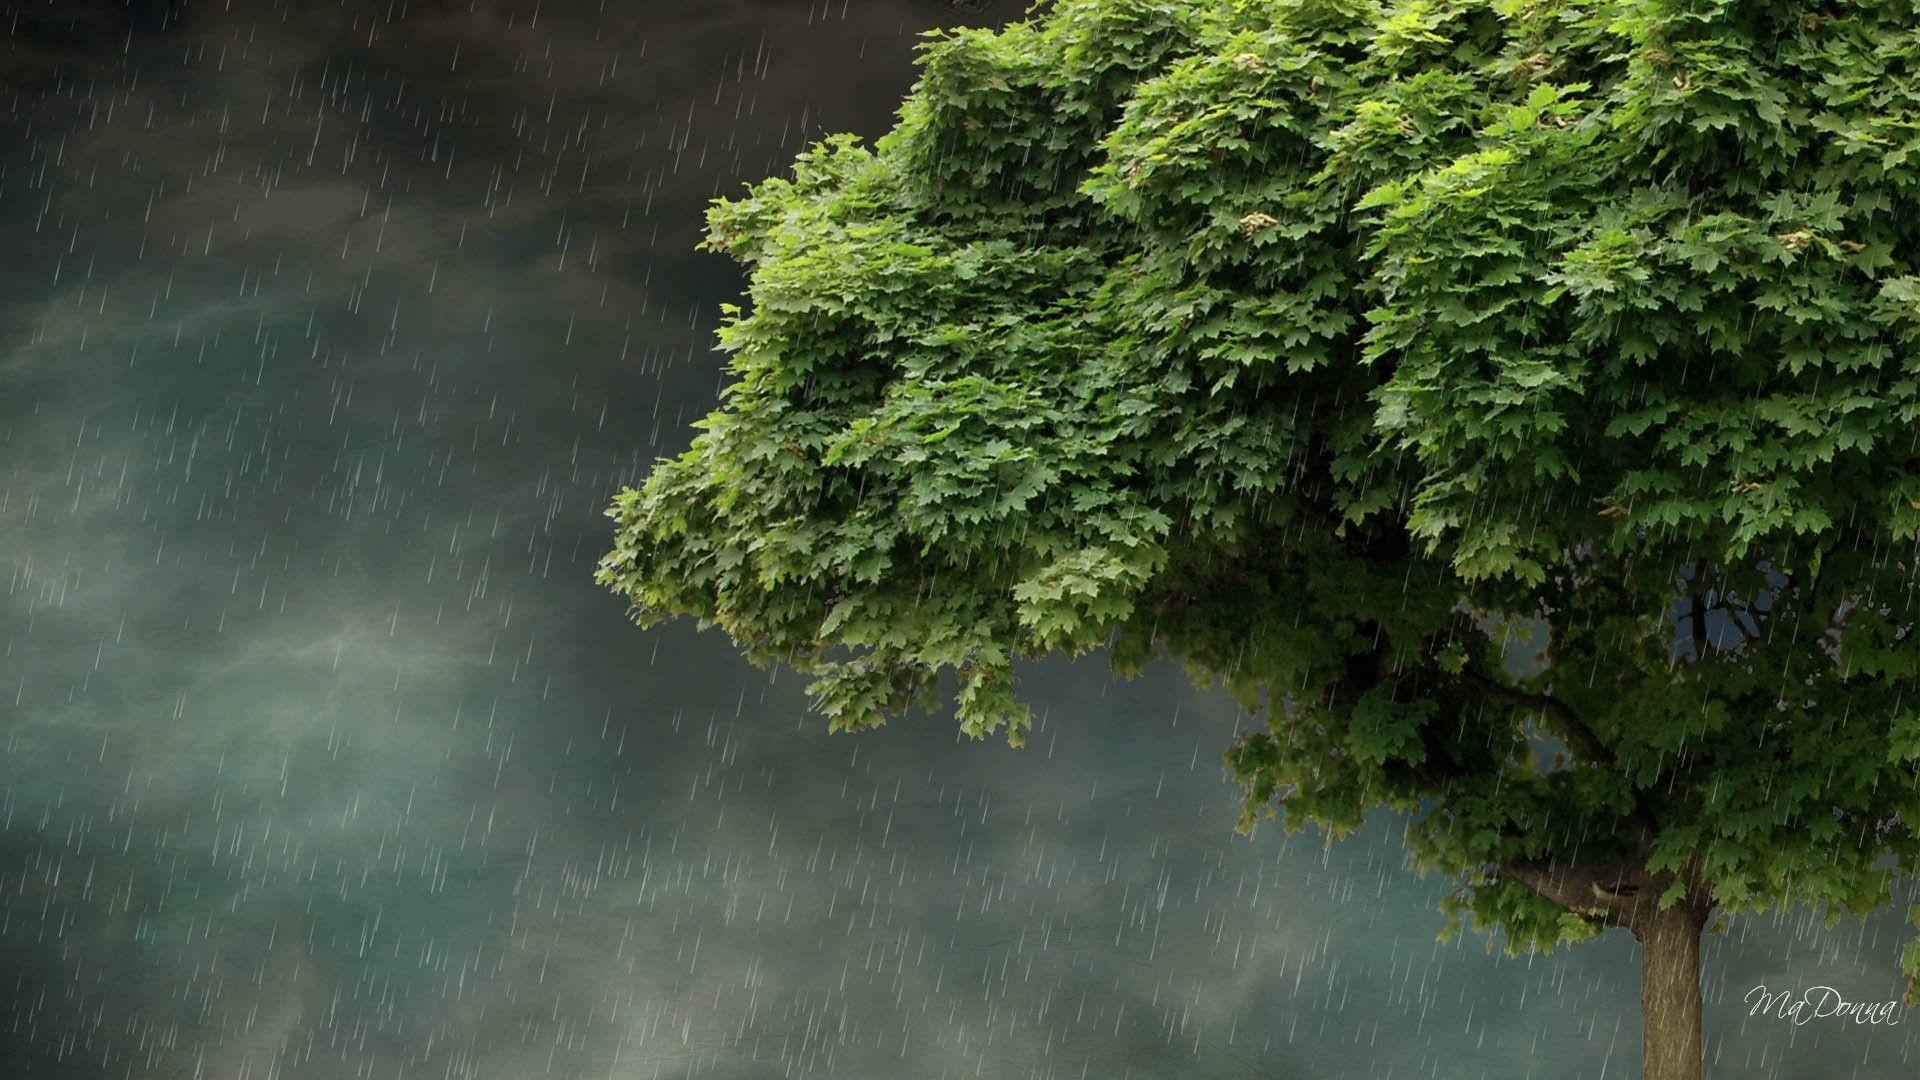 … Rainy Spring Desktop Wallpaper Wallpapersafari. Download